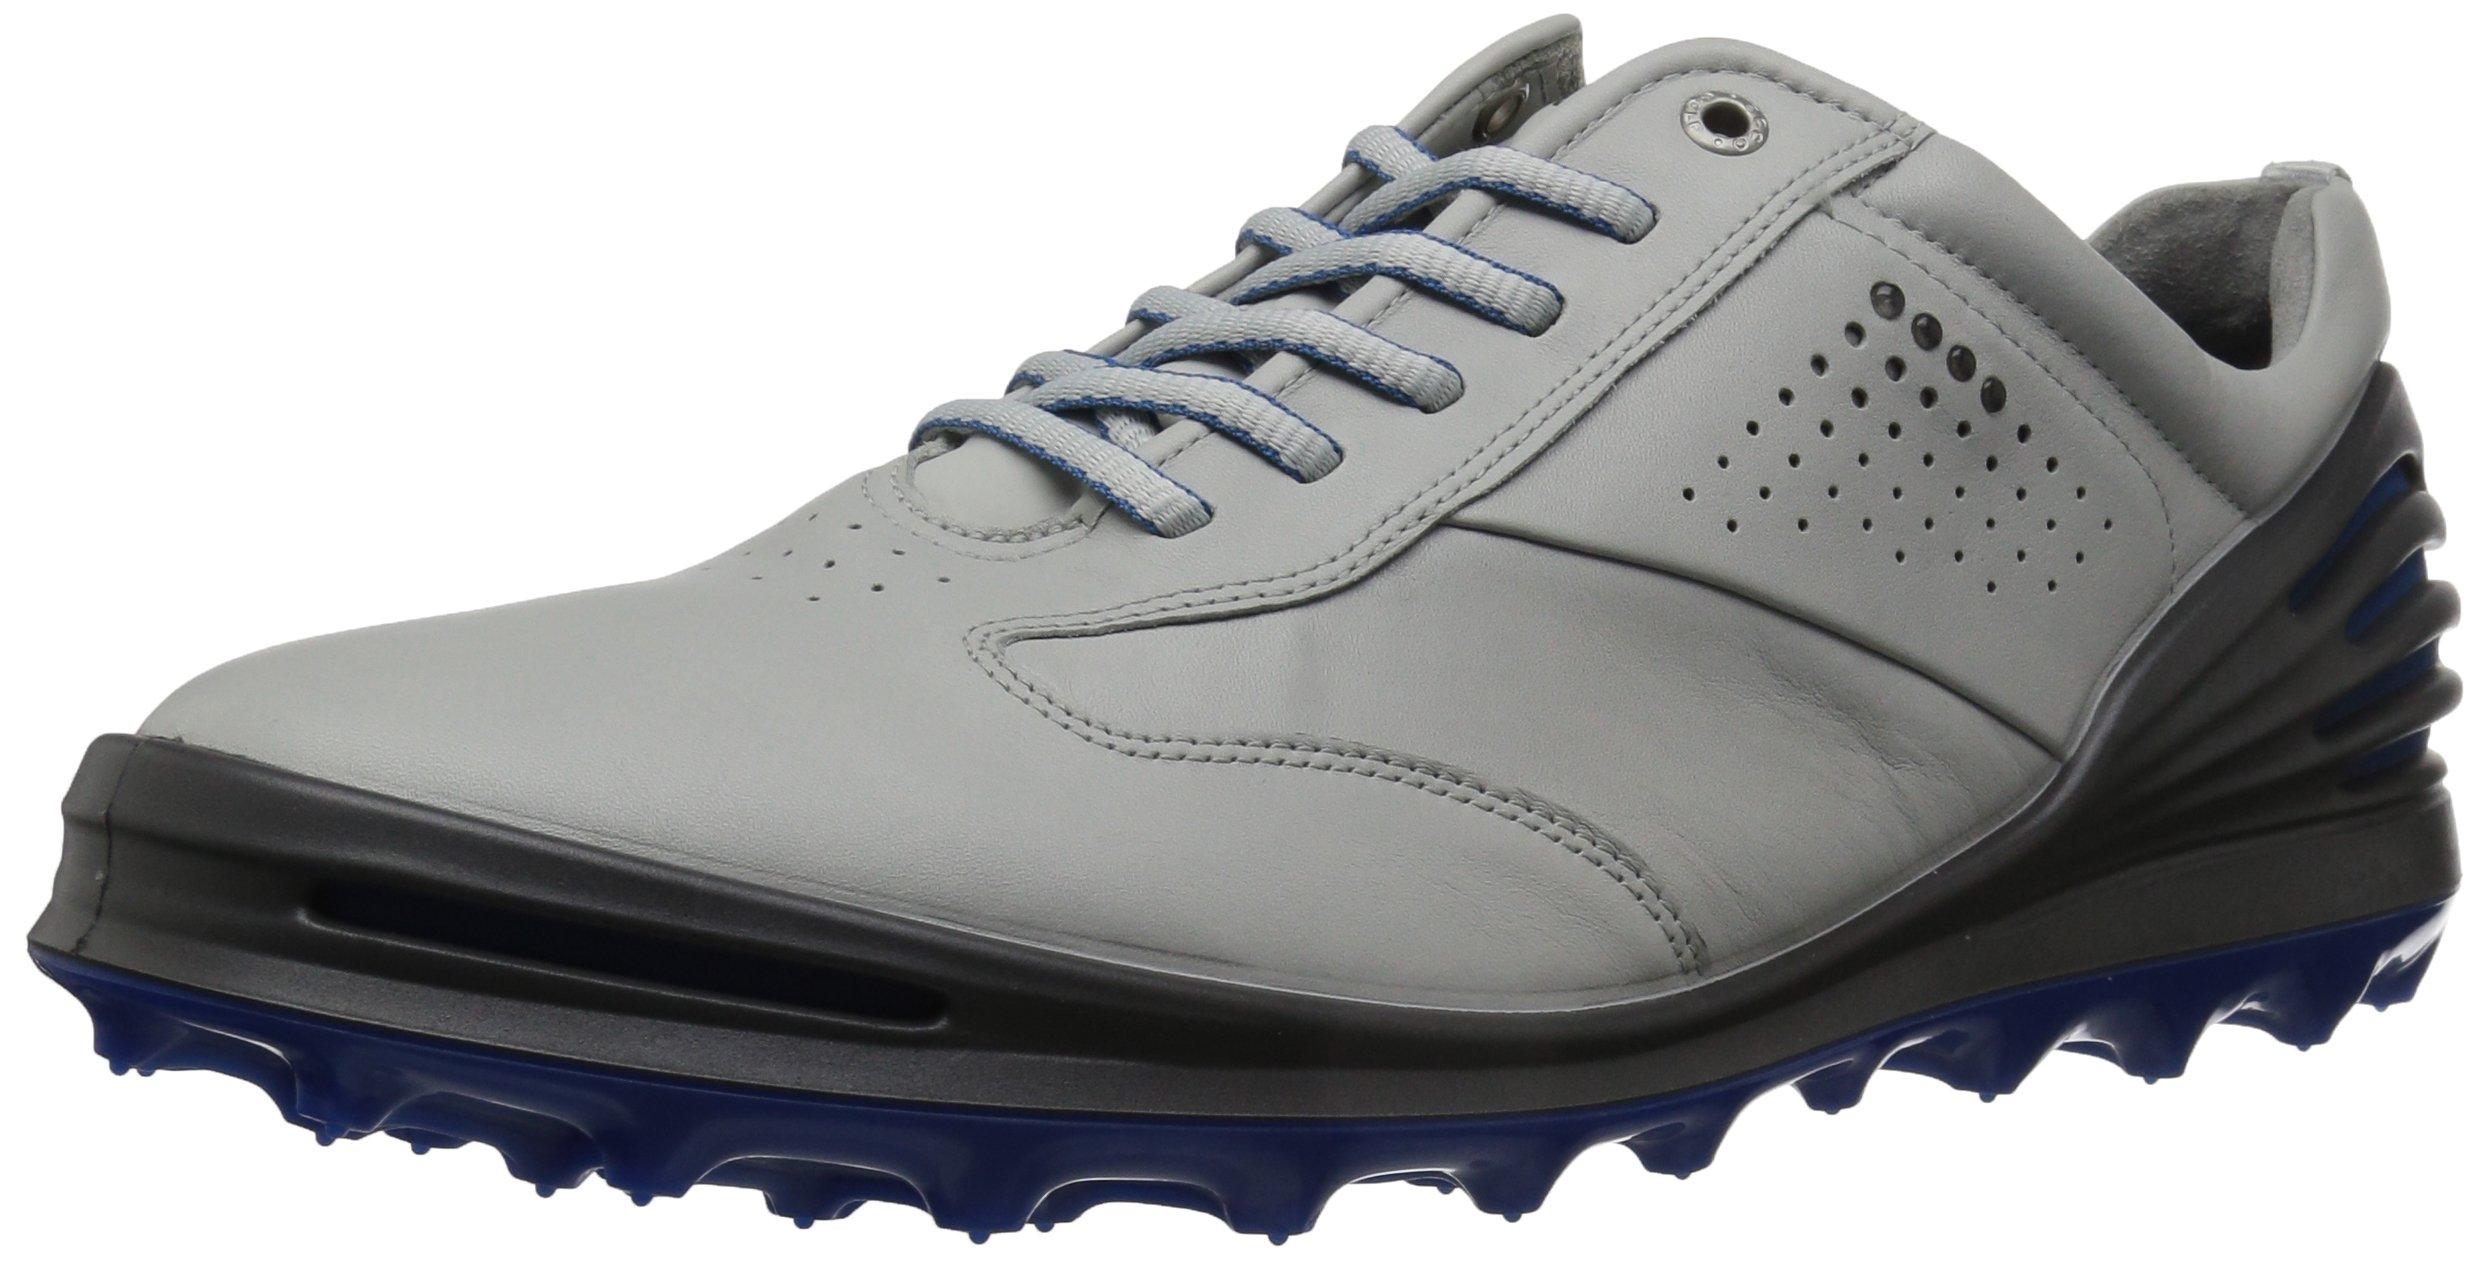 ECCO Men's Cage Pro Golf Shoe, Concrete/Bermuda Blue, 39 M EU / 5-5.5 D(M) US